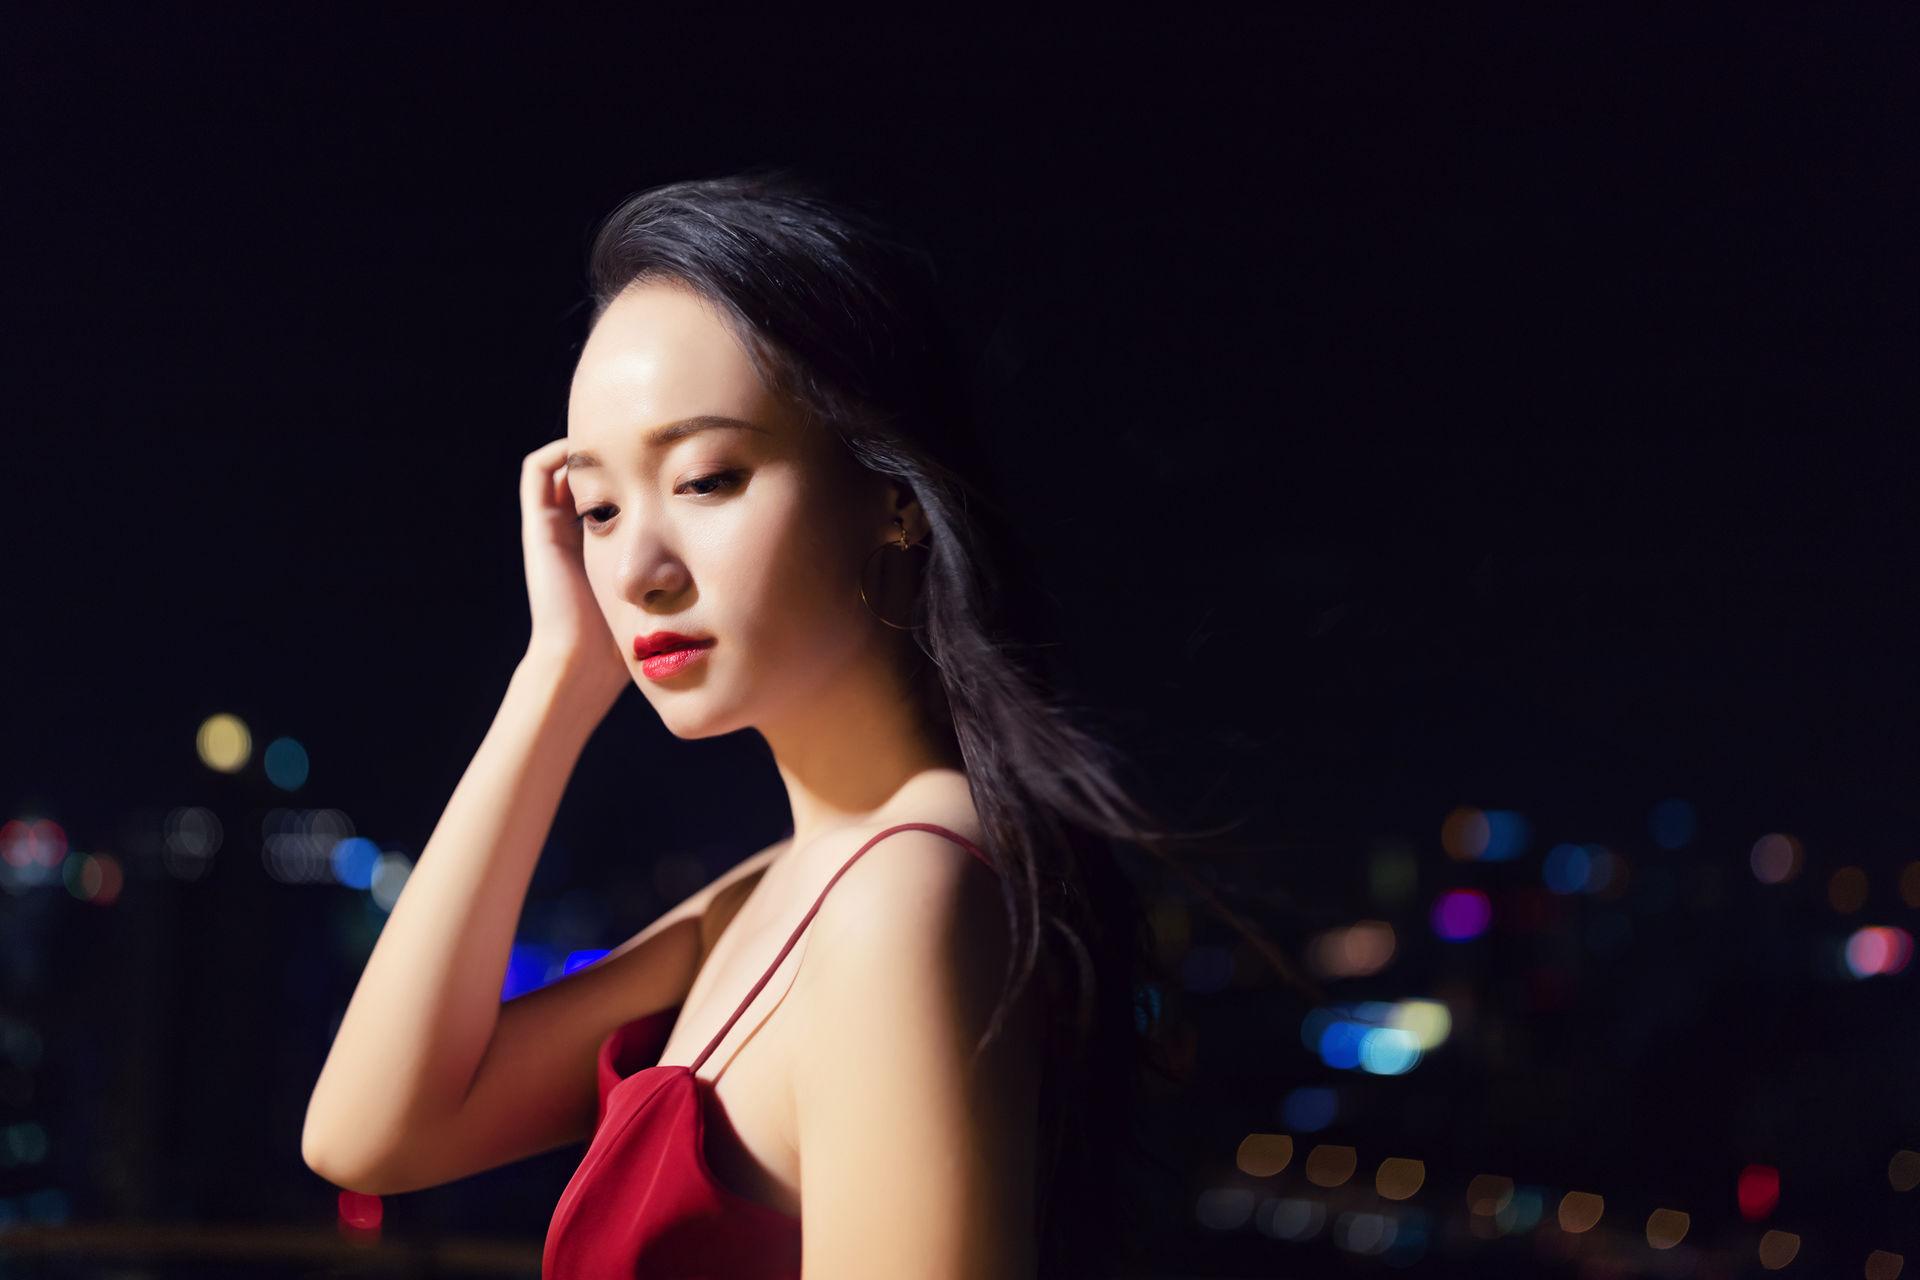 2018-08-30 天臺夜景_攝影師郭小皓的返片